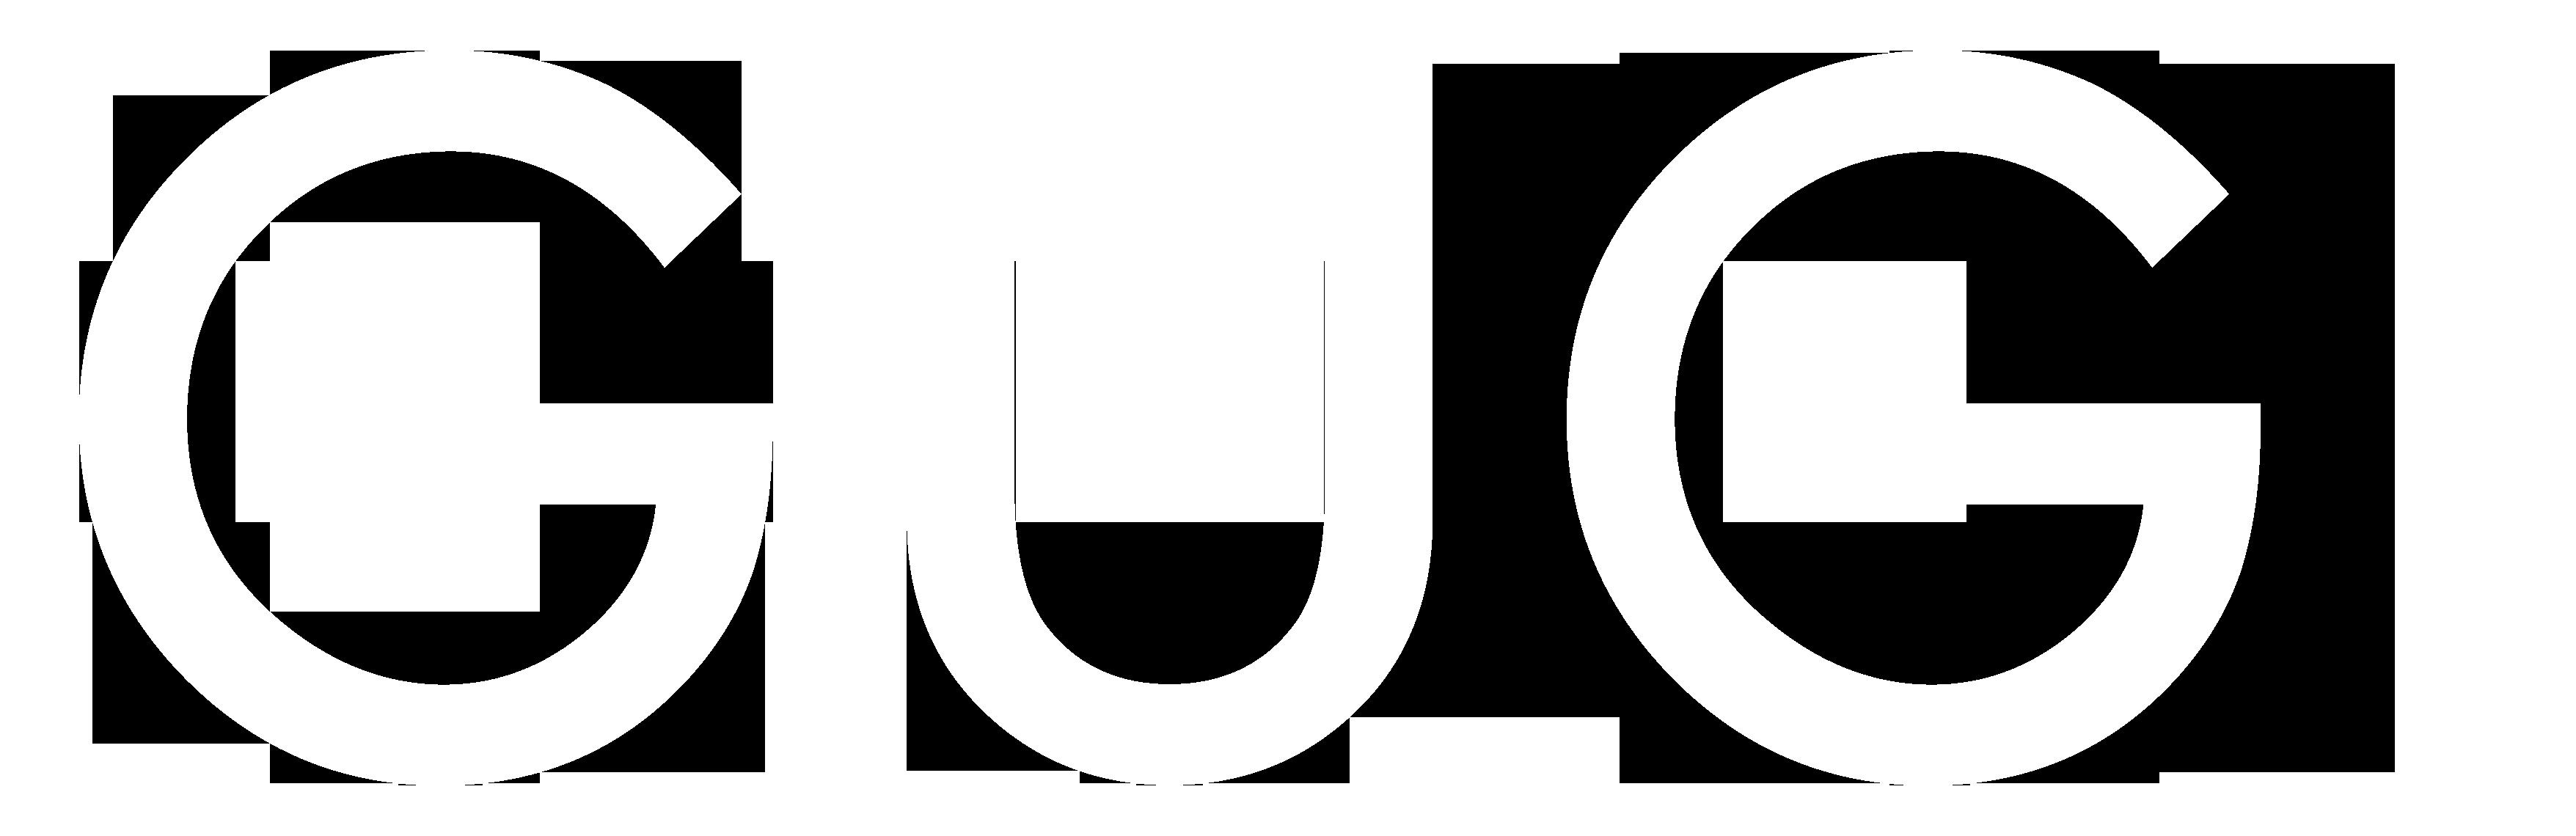 Logo - GUGI (gugi.png)